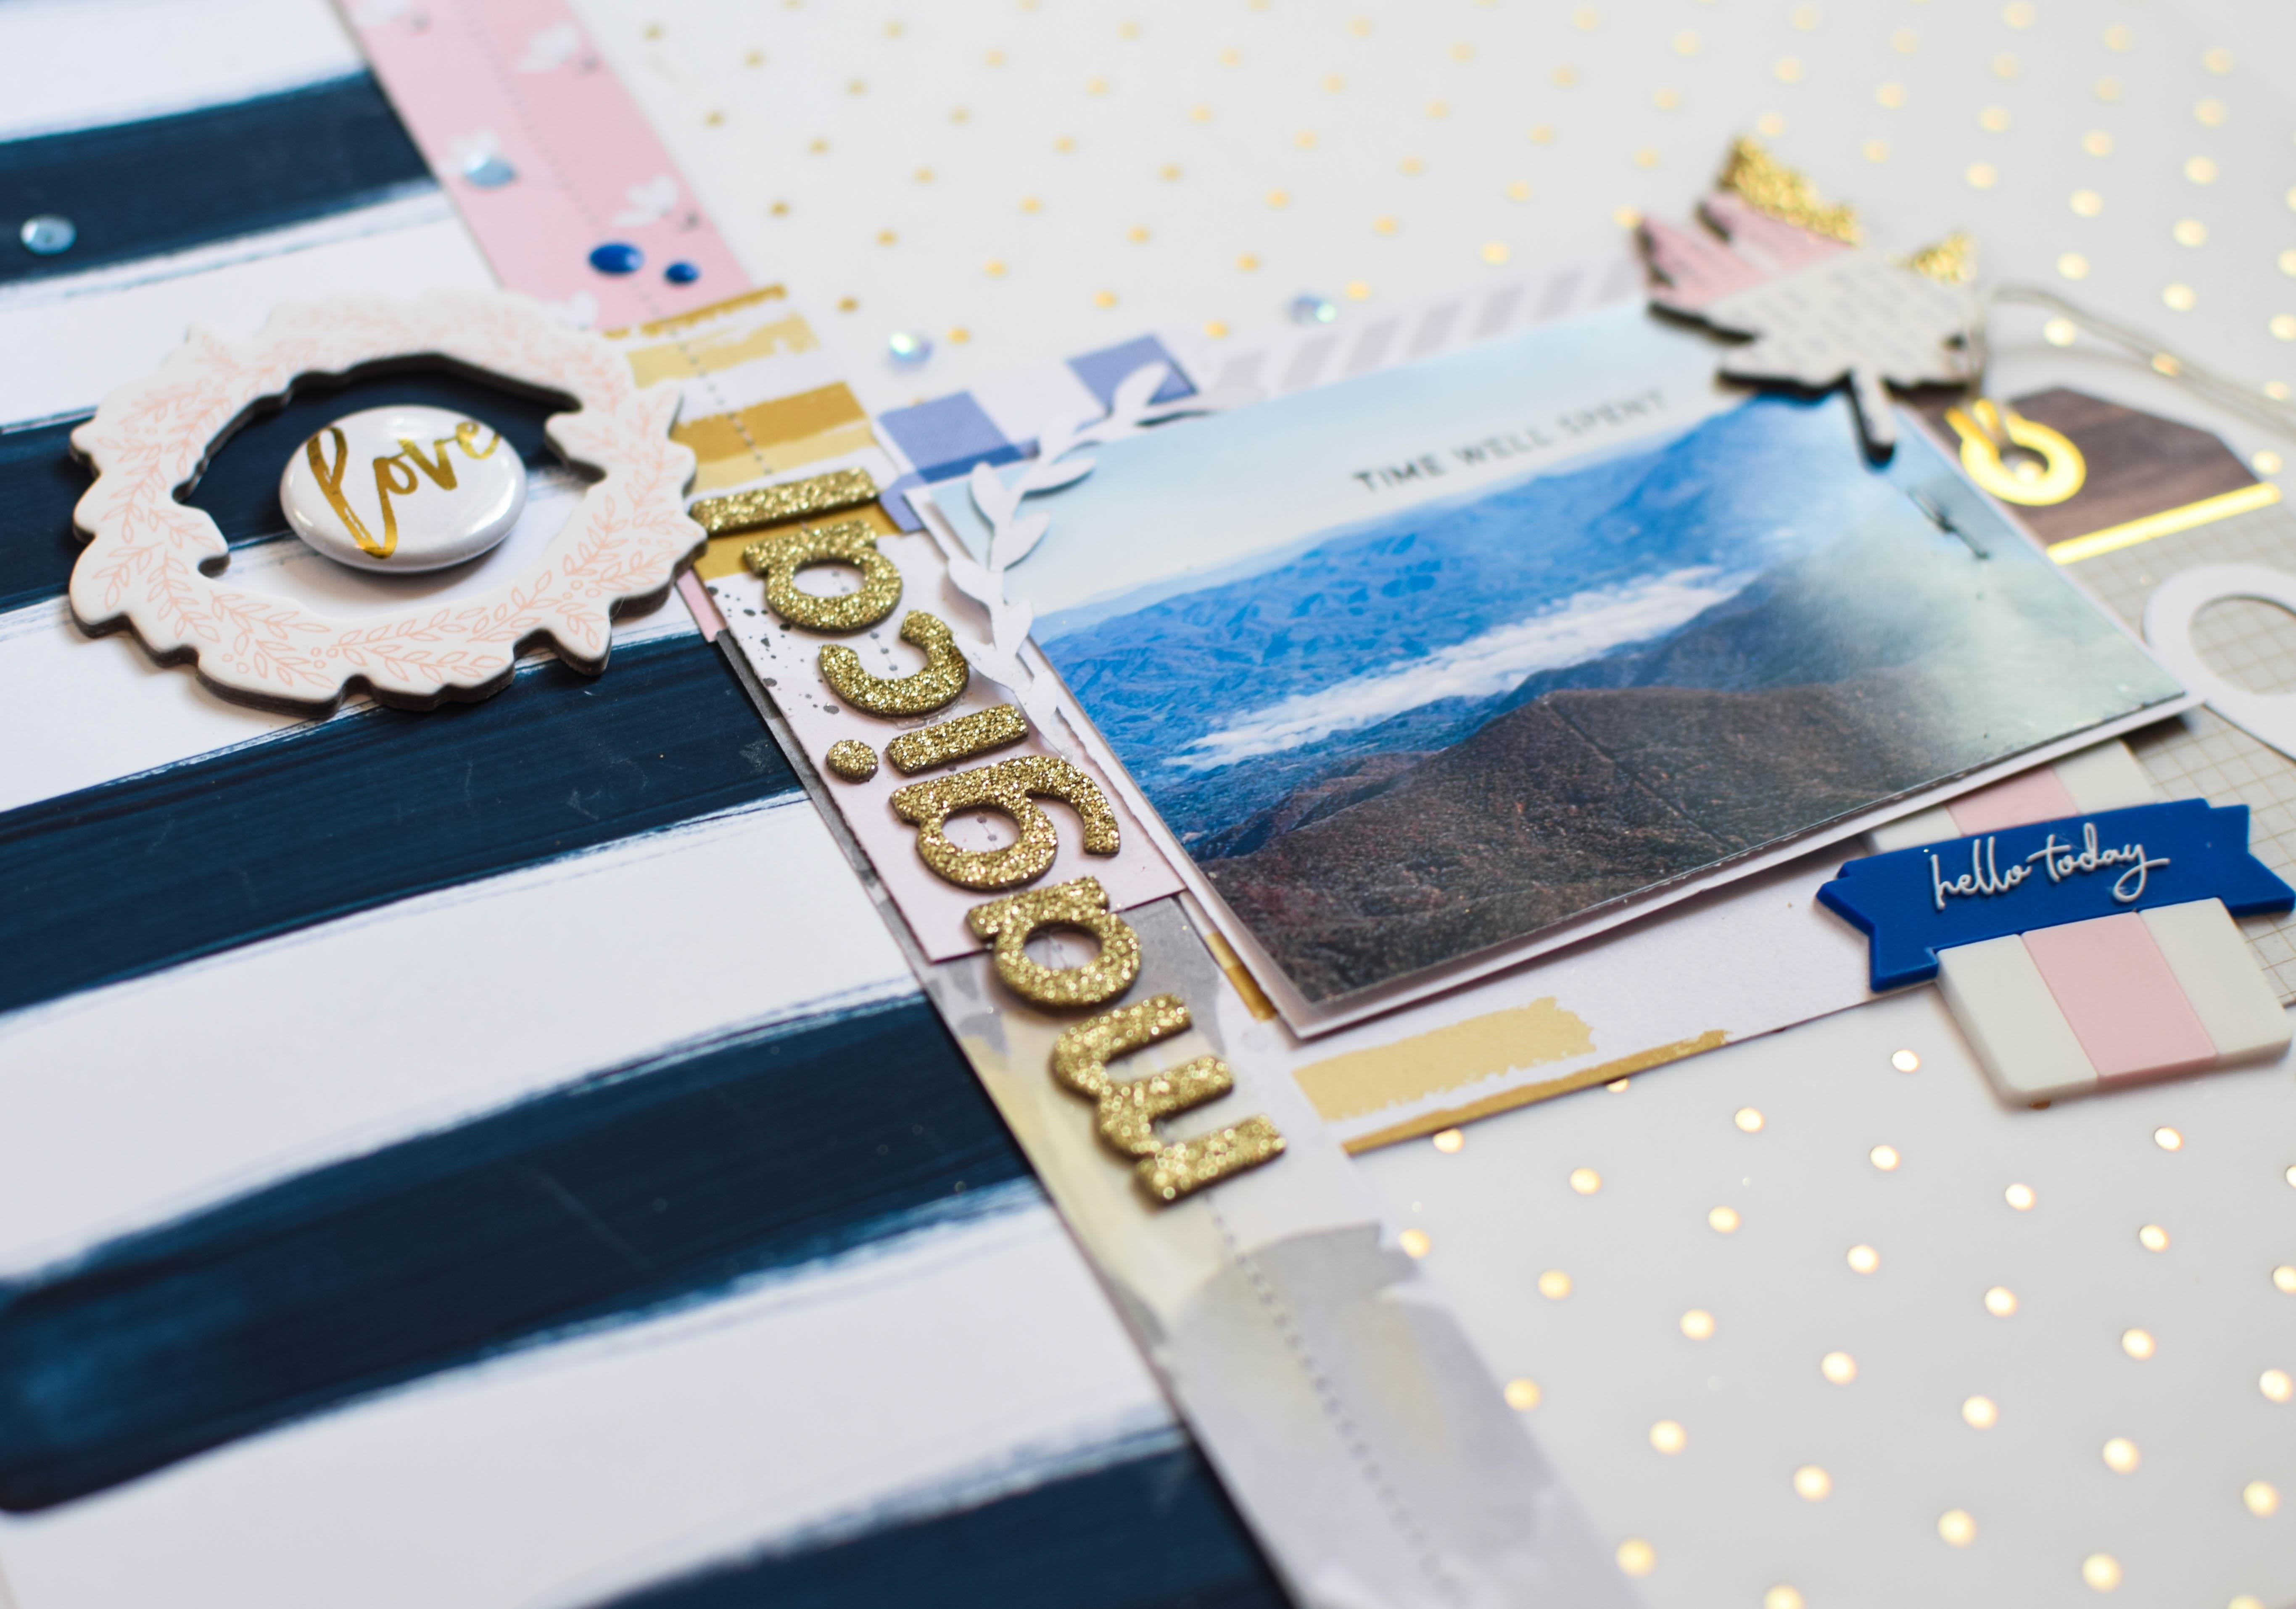 #SpiegelmomScraps #shimmerz #exclusivesequins #cratepaper #maggieholmes #cratepapergather #pinkfreshstudio #createwithsms #vellum #golddetails #stitching @wordsandpaperscraps @shimmerzpaints @pinkfreshstudio @cratepaper #scrapbooking #papercrafting